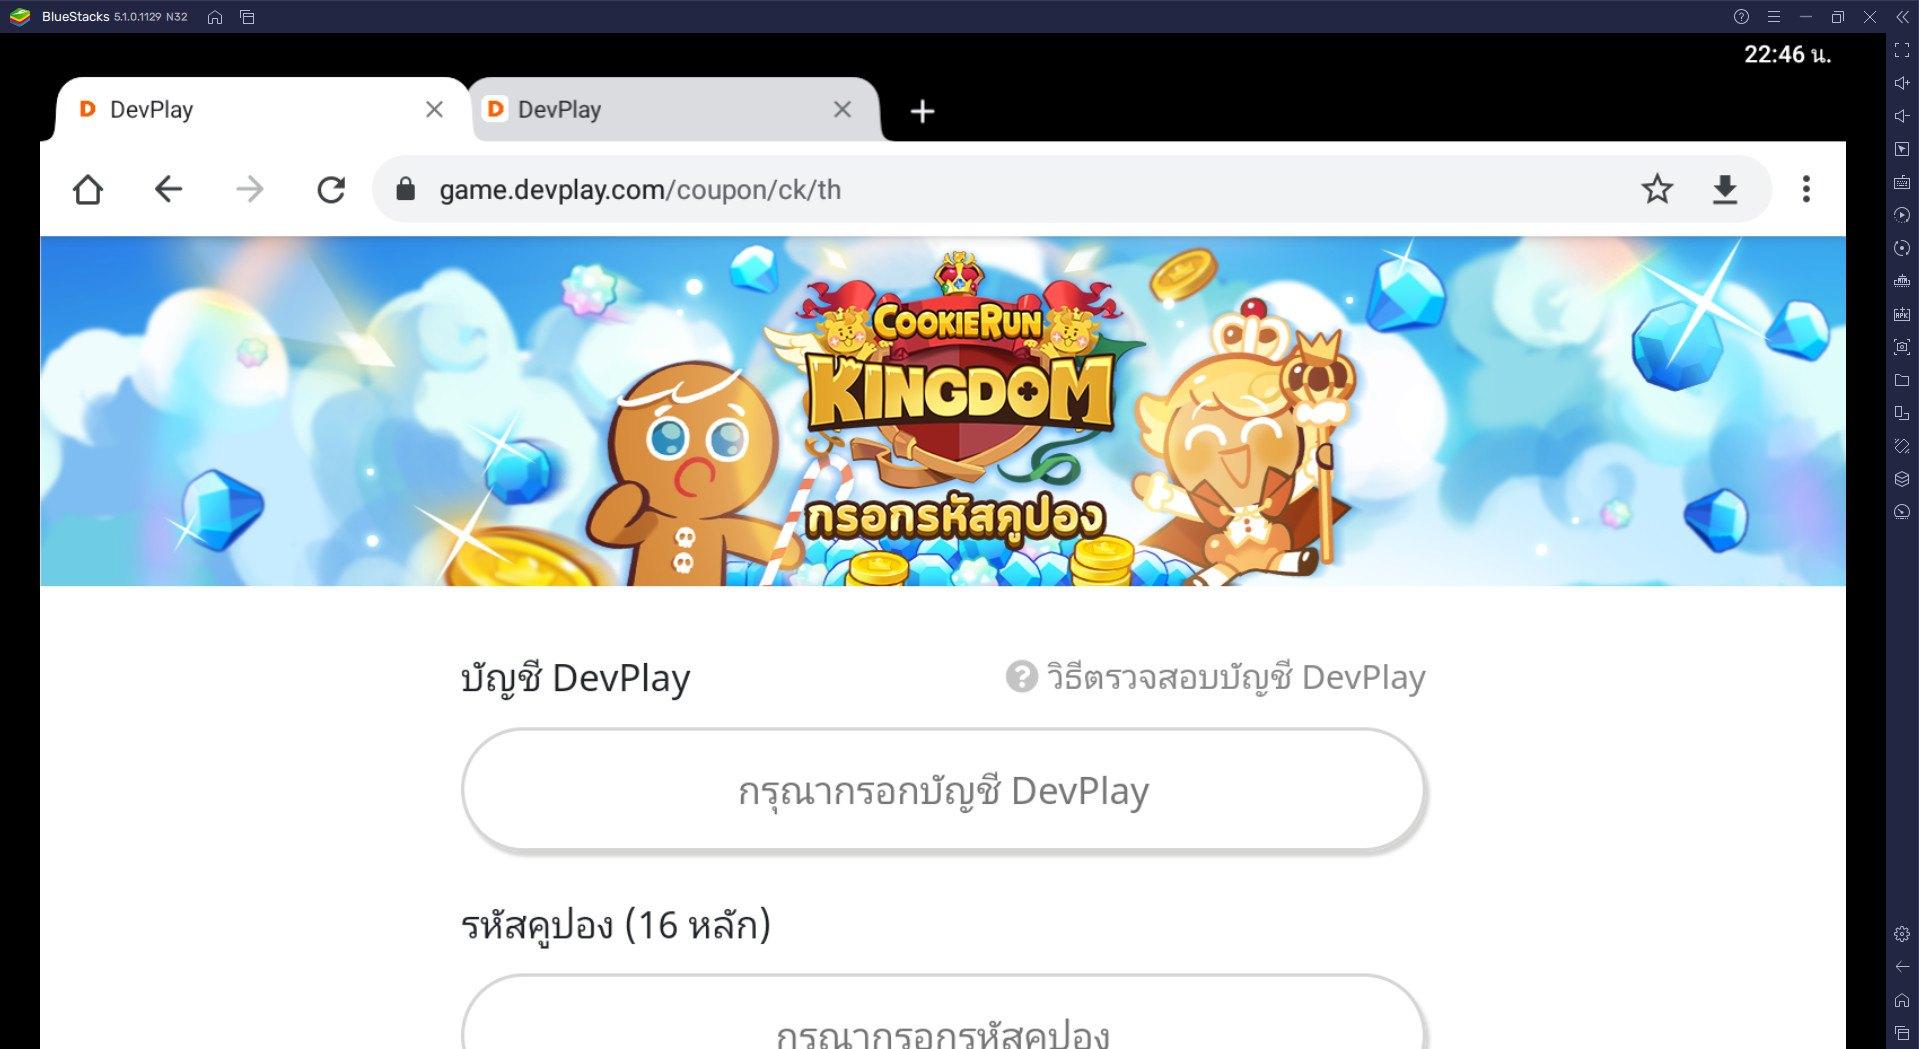 อัพเดตโค้ดคูปอง Cookie Run: Kingdom ล่าสุดเดือน กรกฎาคม